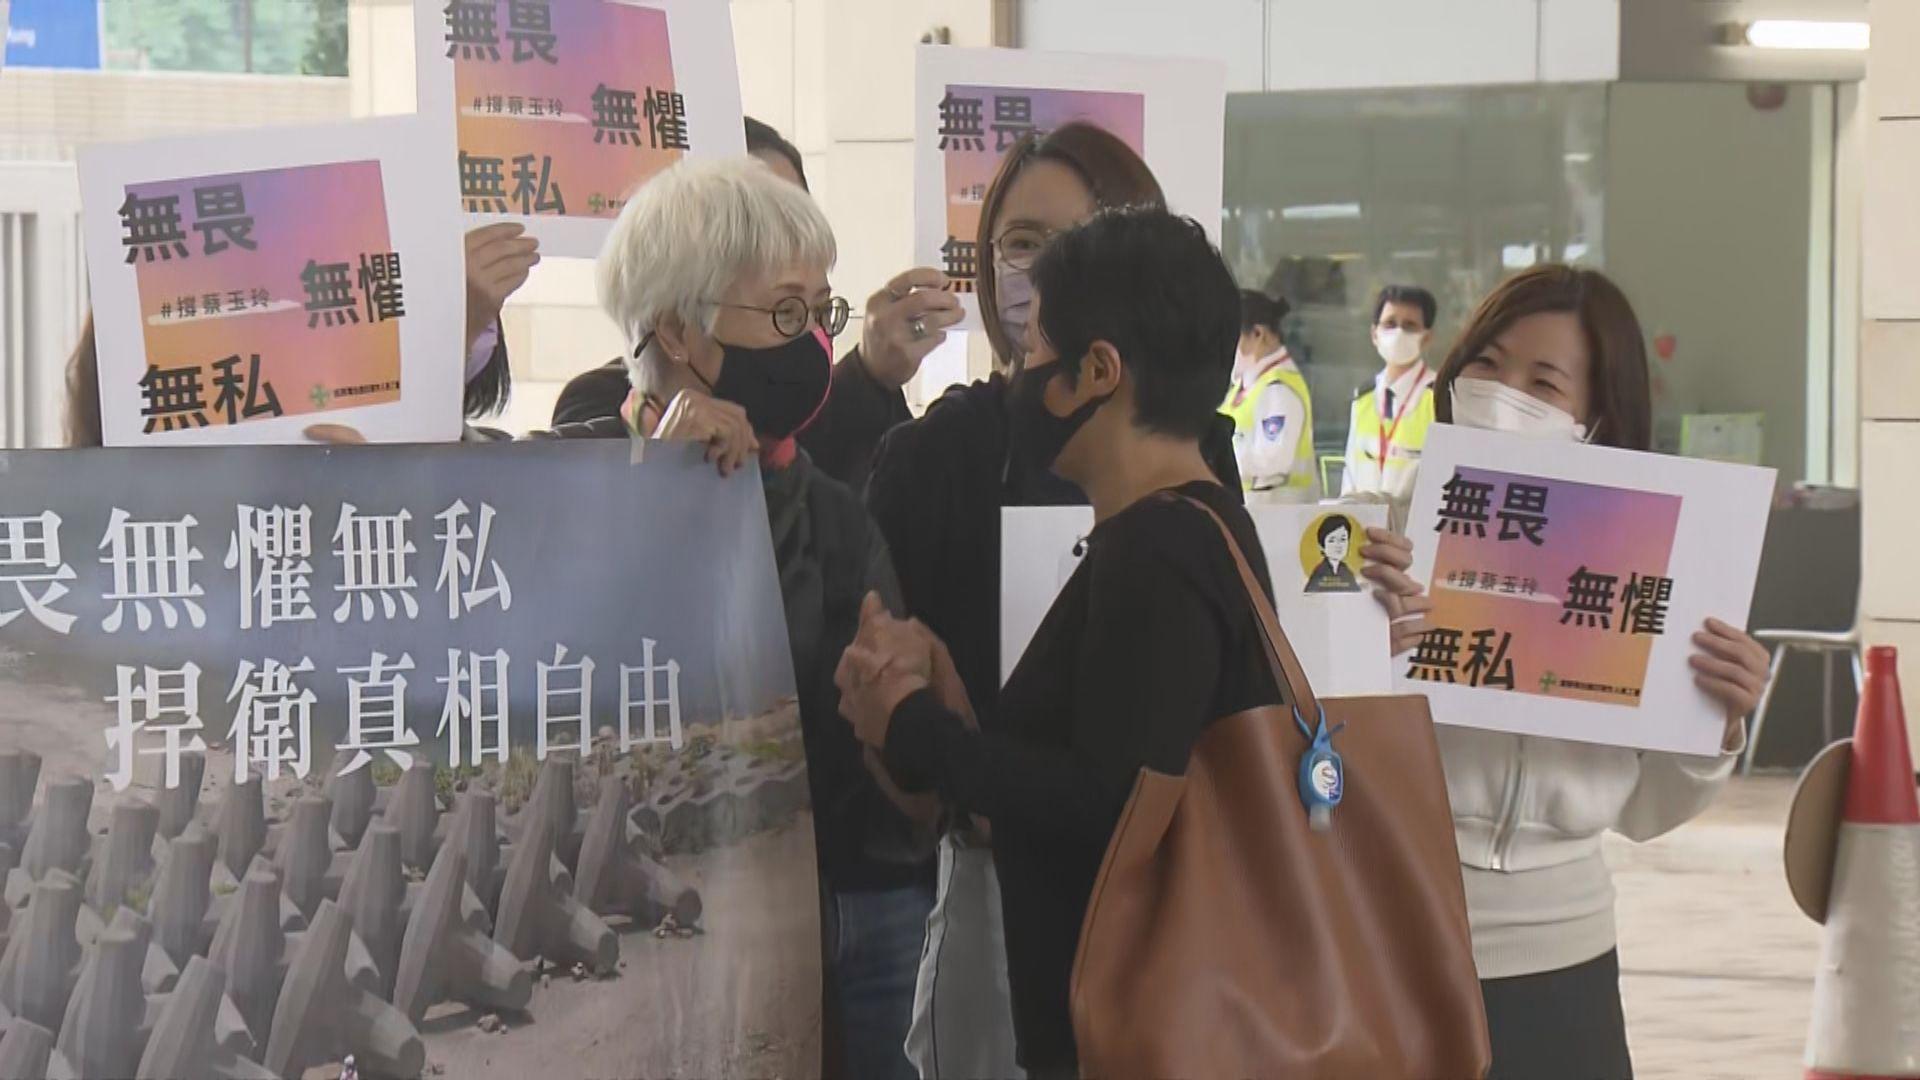 港台編導蔡玉玲被控虛假陳述 法官裁定表證成立